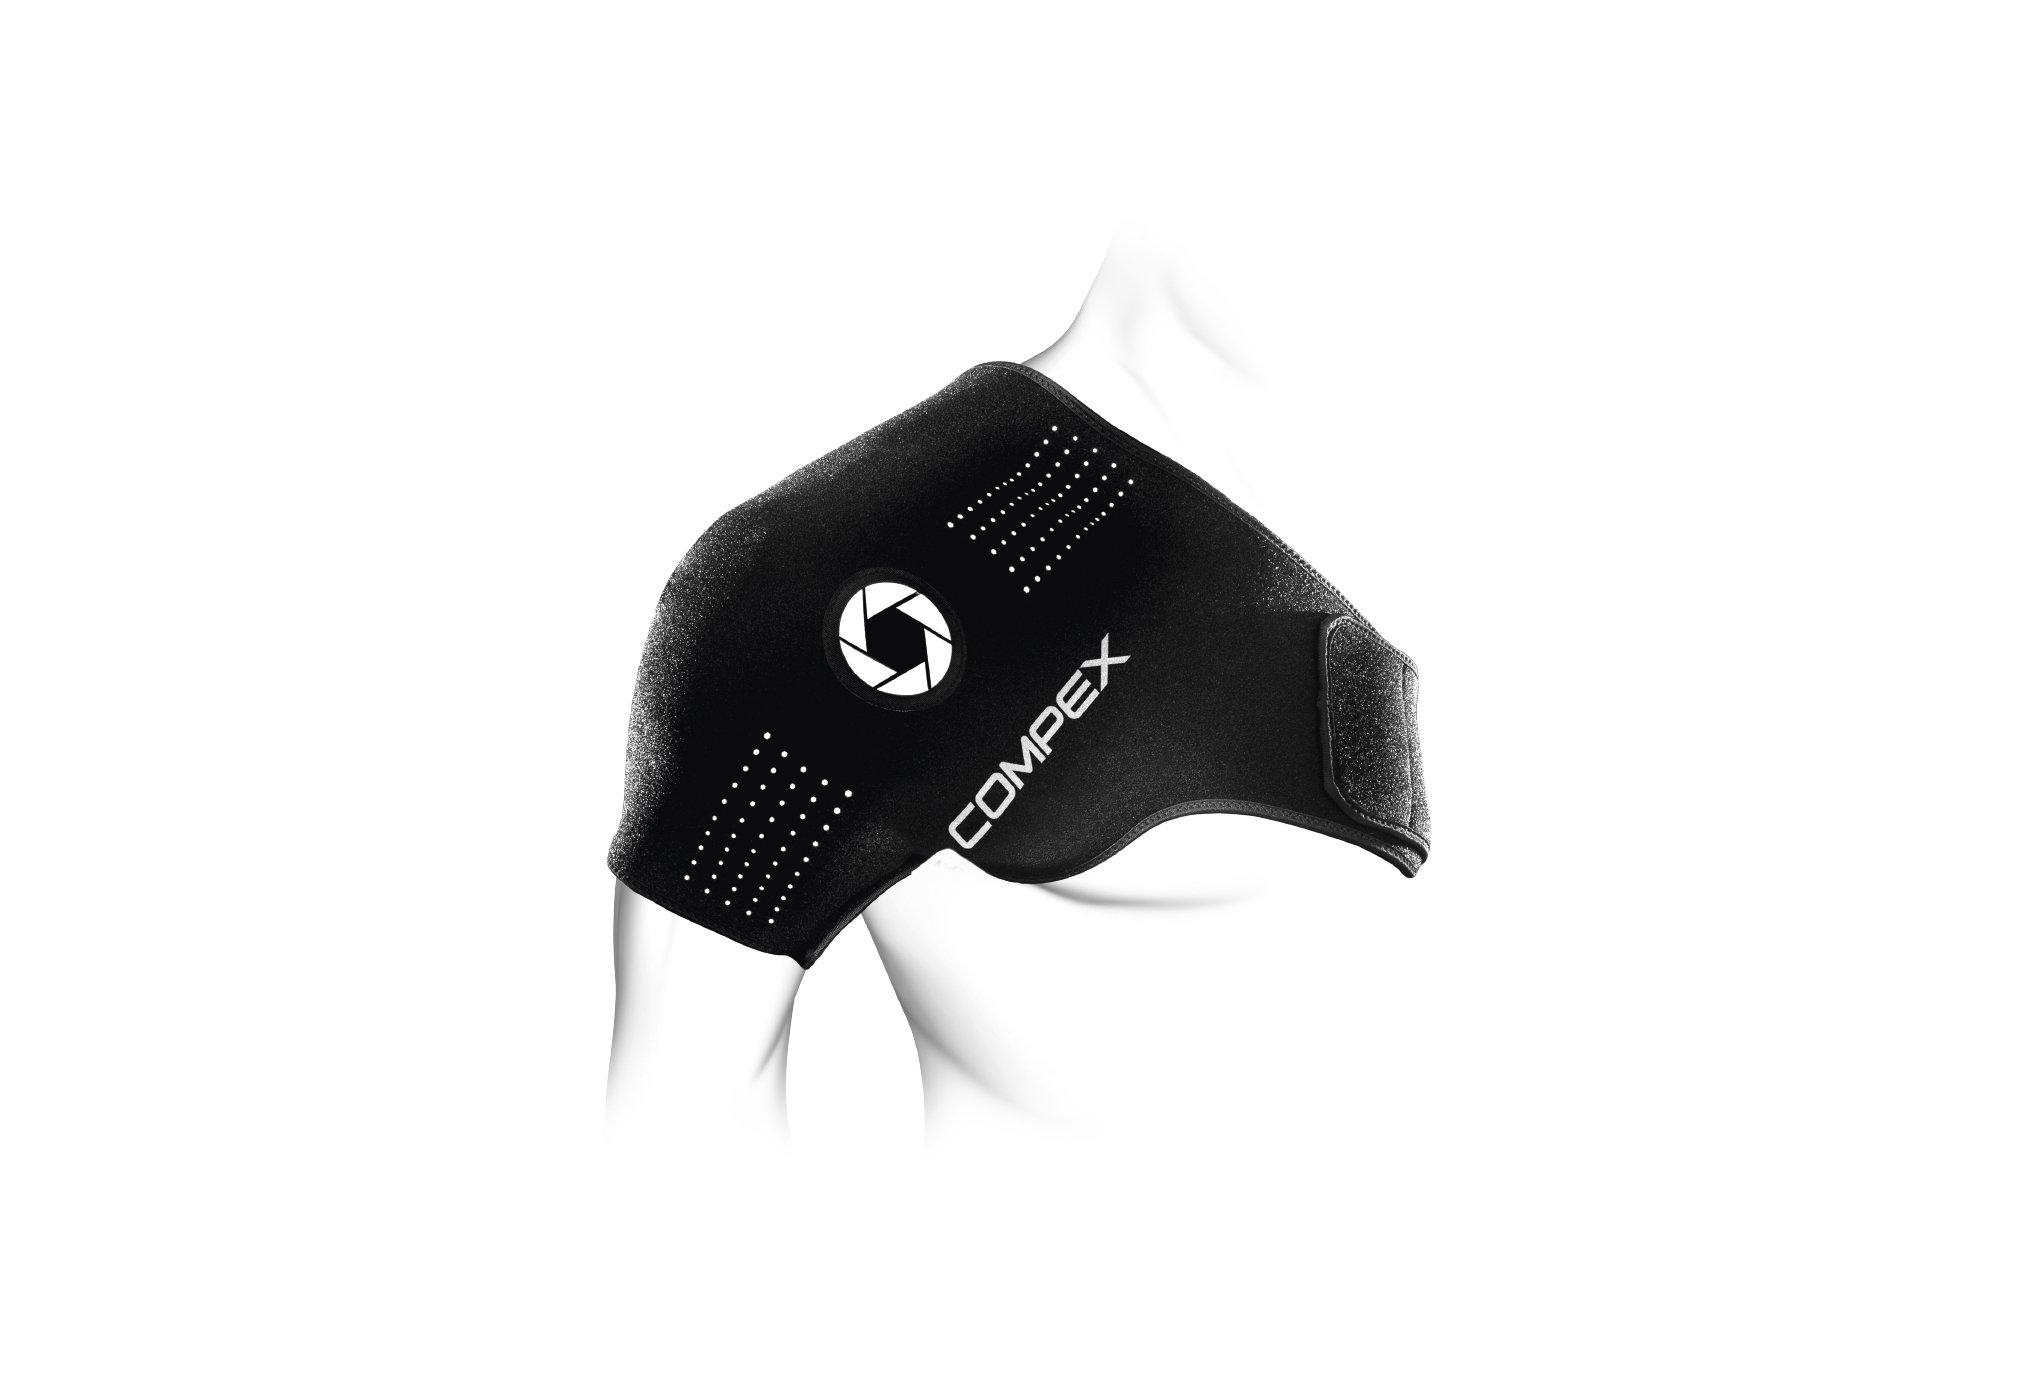 Compex Coldform Épaule Protection musculaire & articulaire